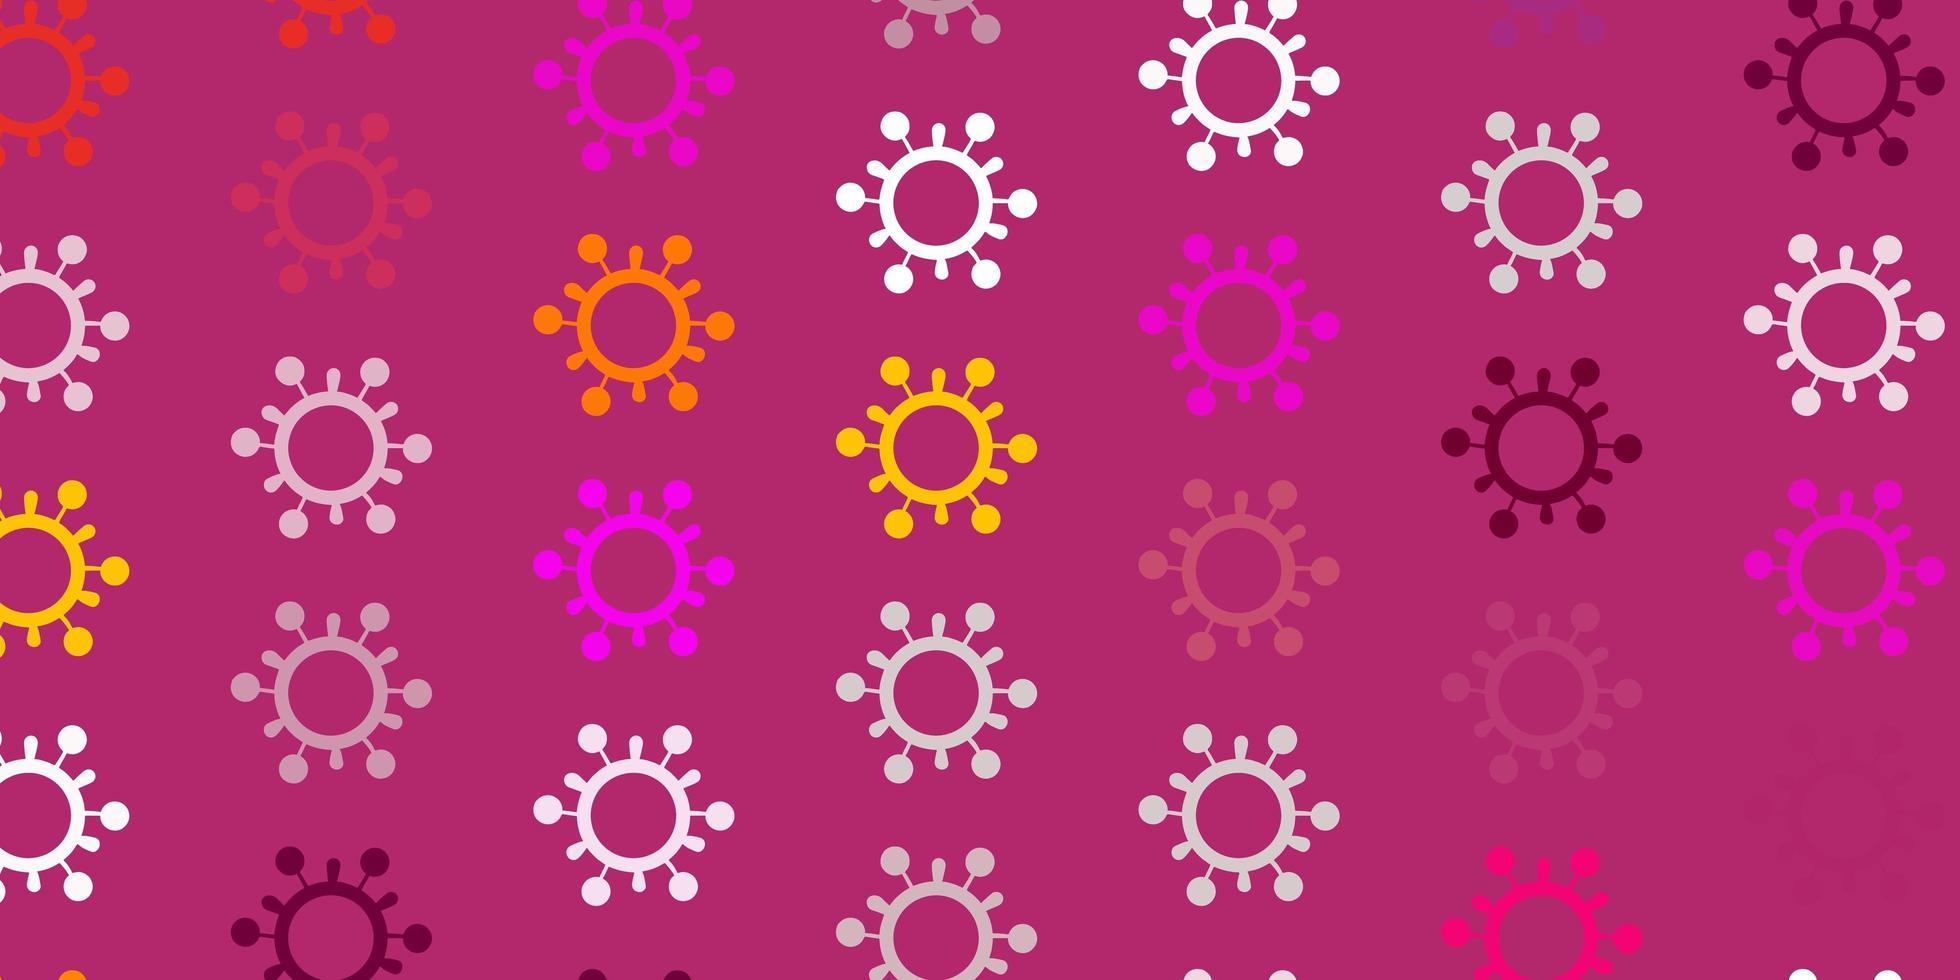 fond de vecteur rose clair, jaune avec symboles covid-19.